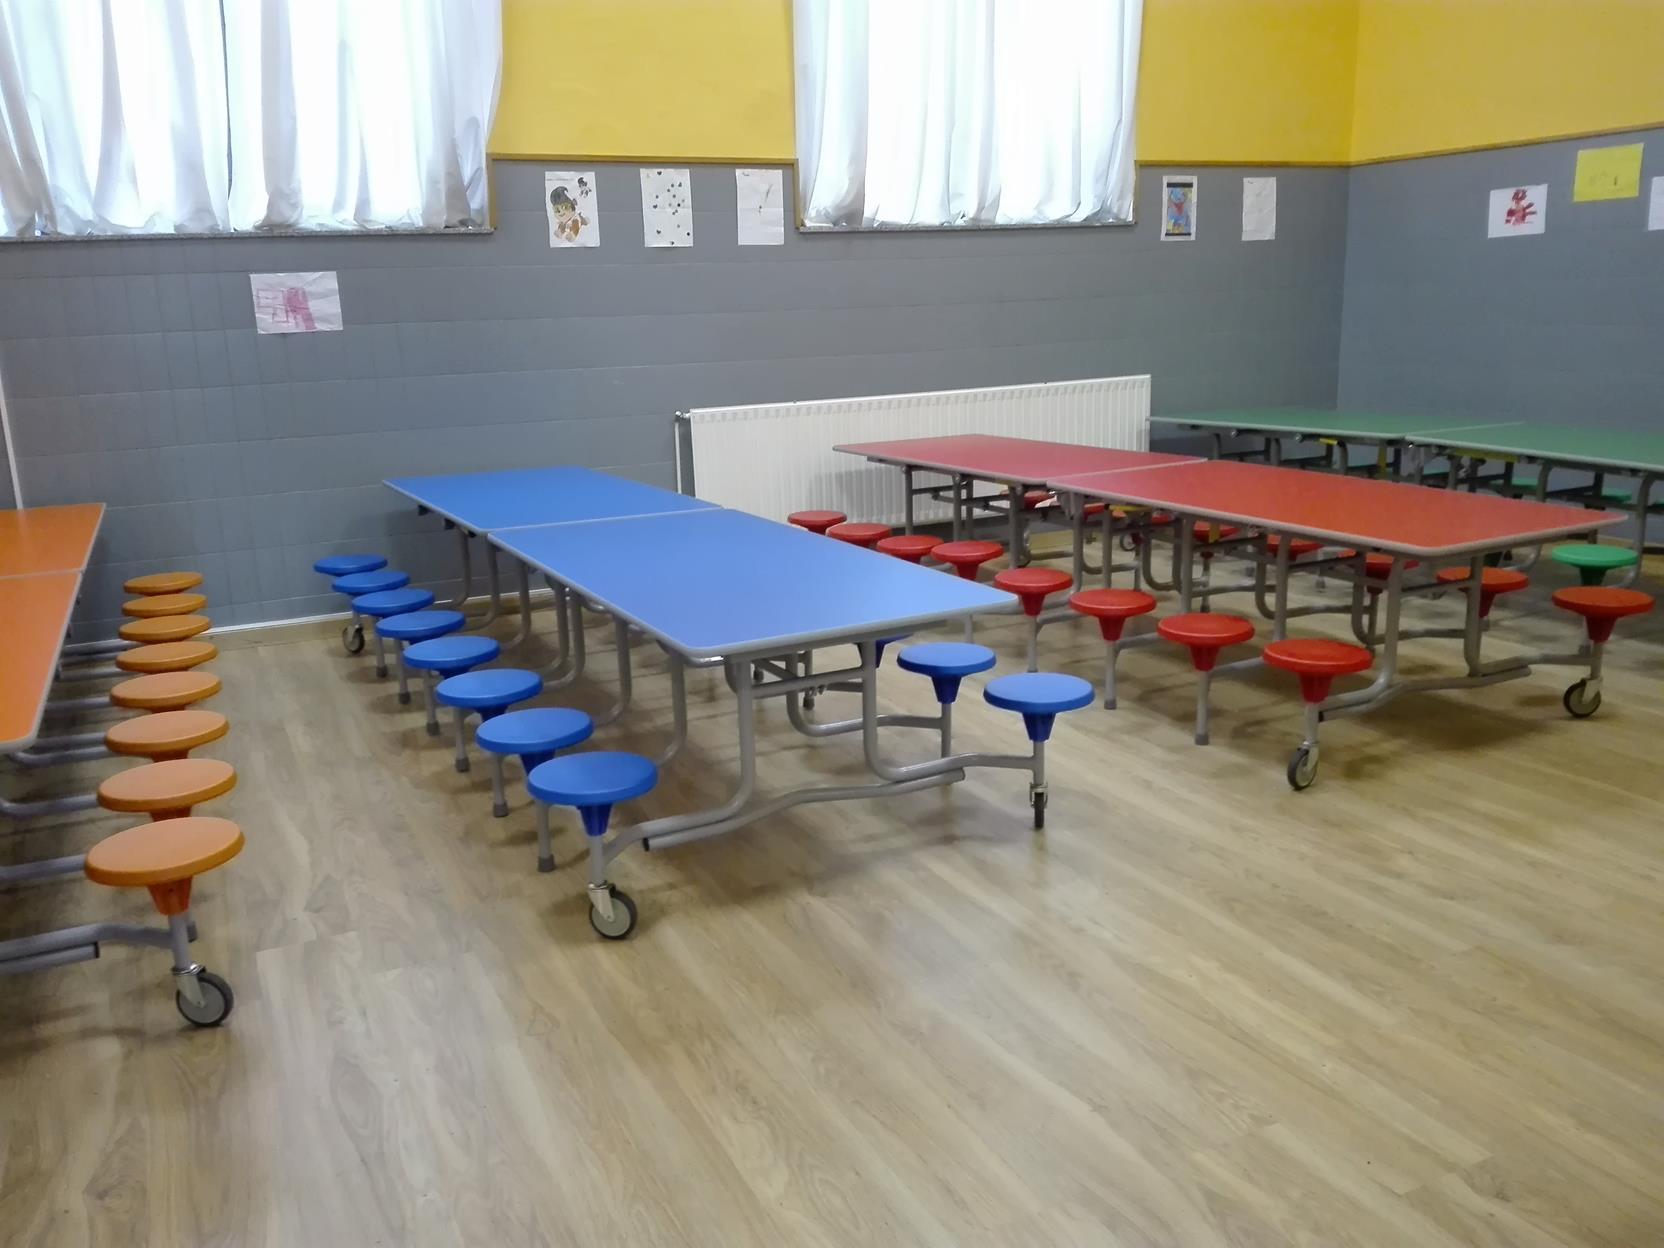 Estrenamos mobiliario de comedor para los ni os de for Mobiliario comedor